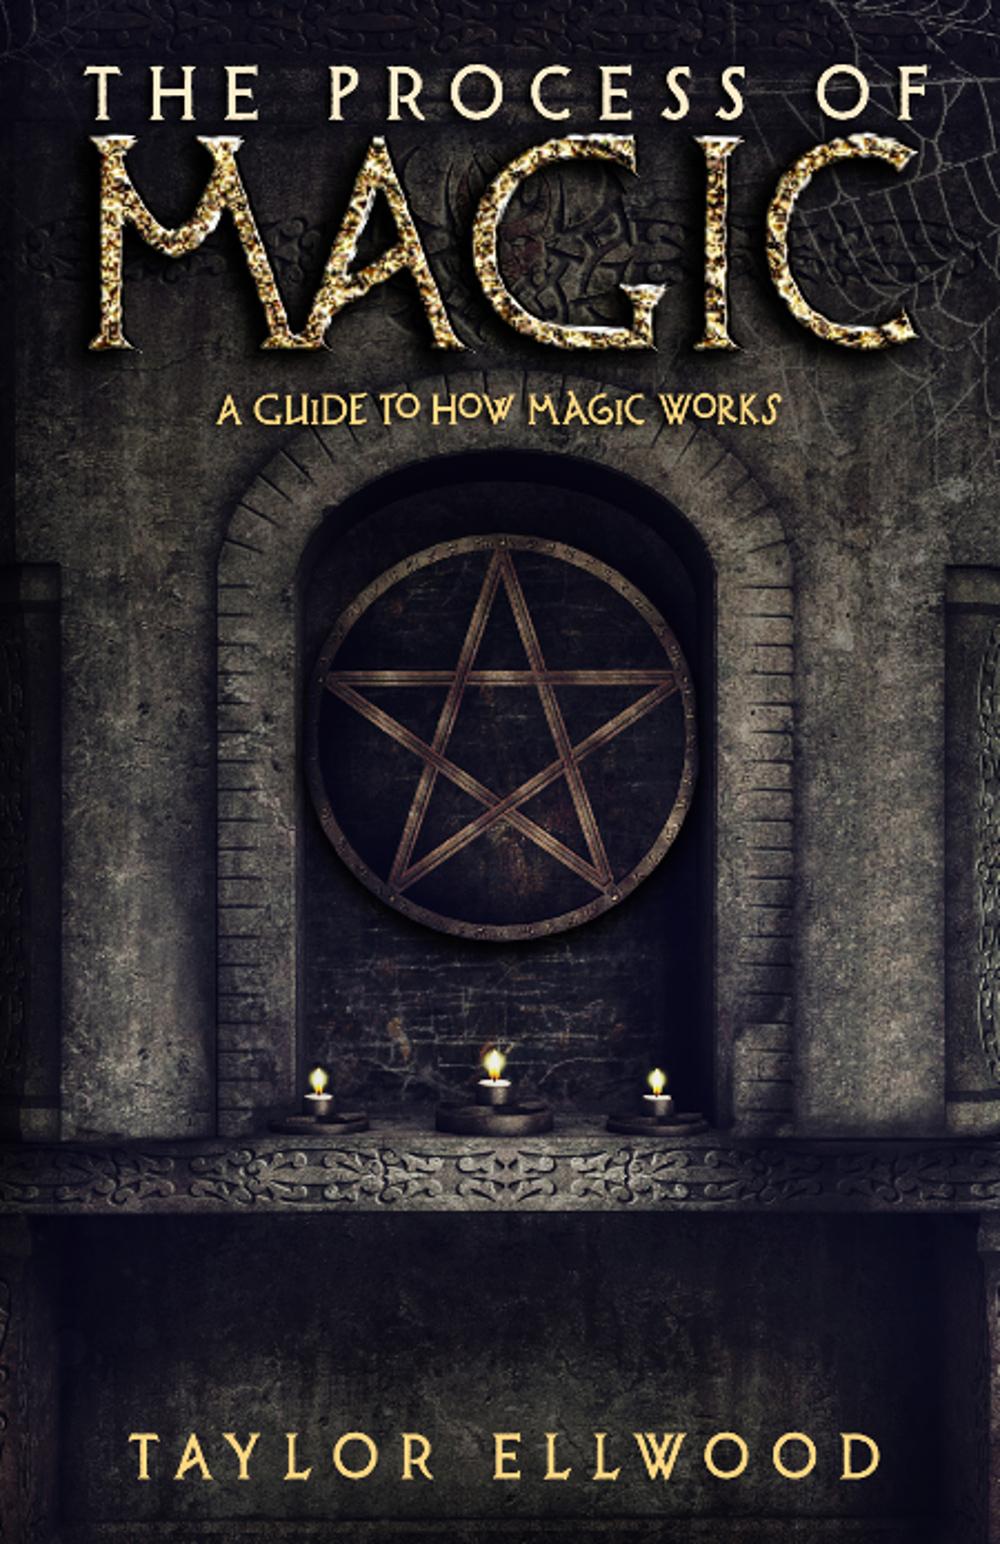 The_Process_of_Magic_eBookmedium.jpg